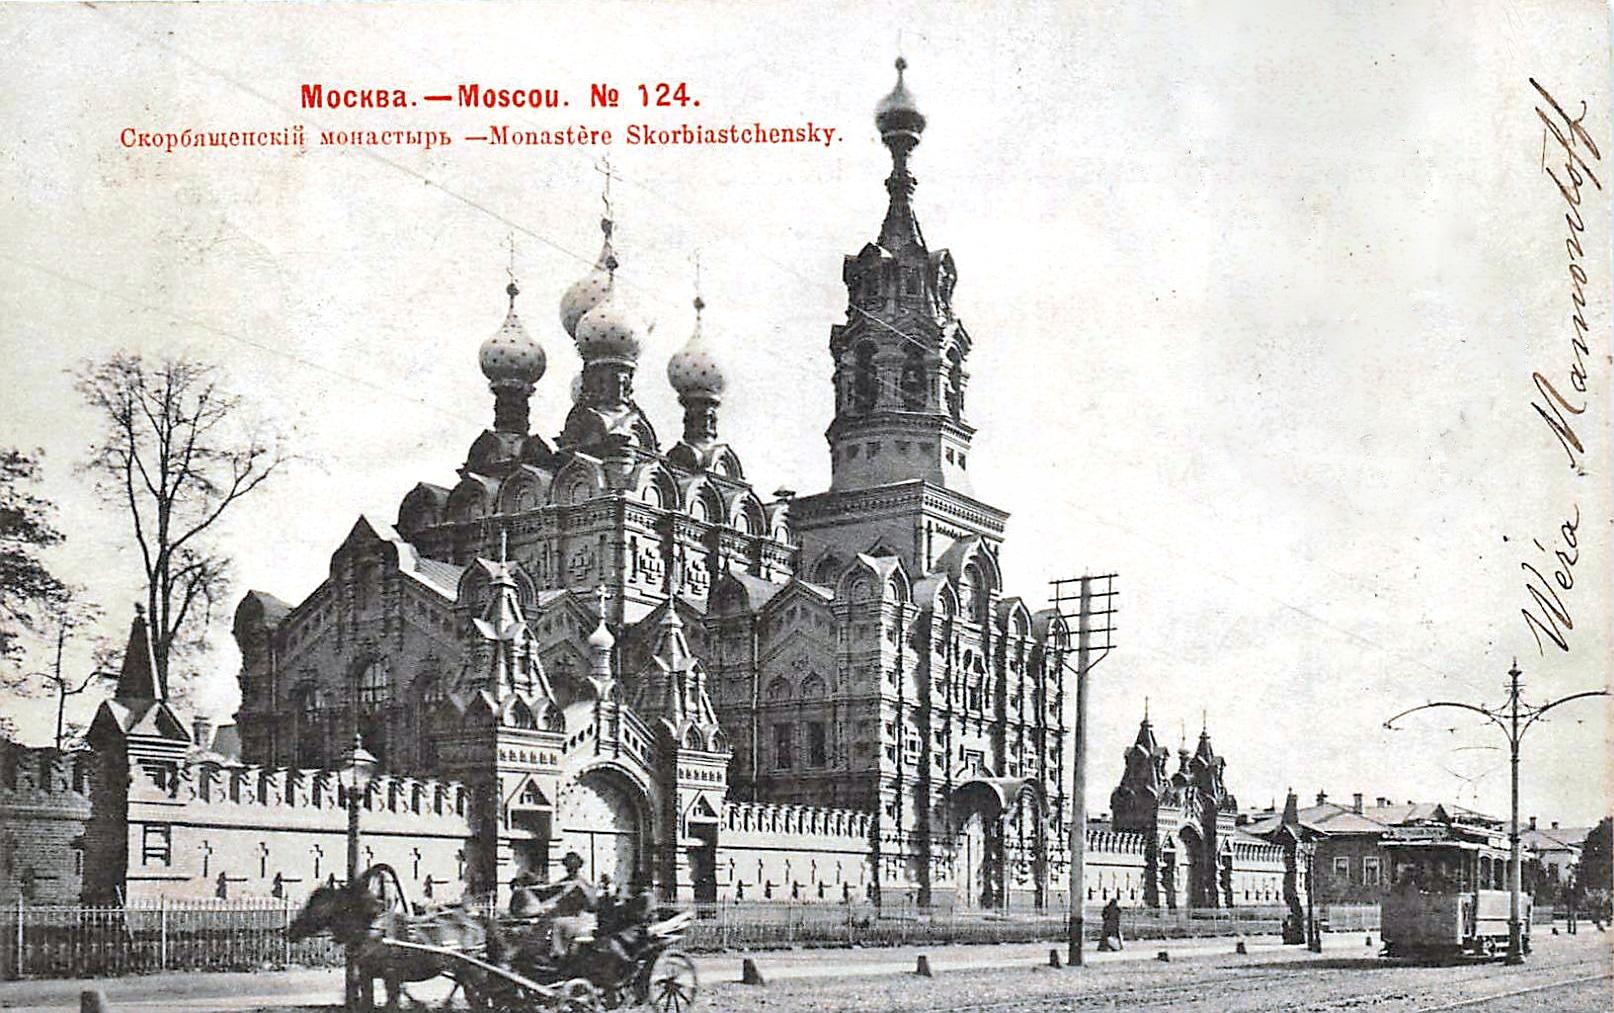 Скорбященский монастырь в Москве на дореволюционной открытке, между 1900 и 1901